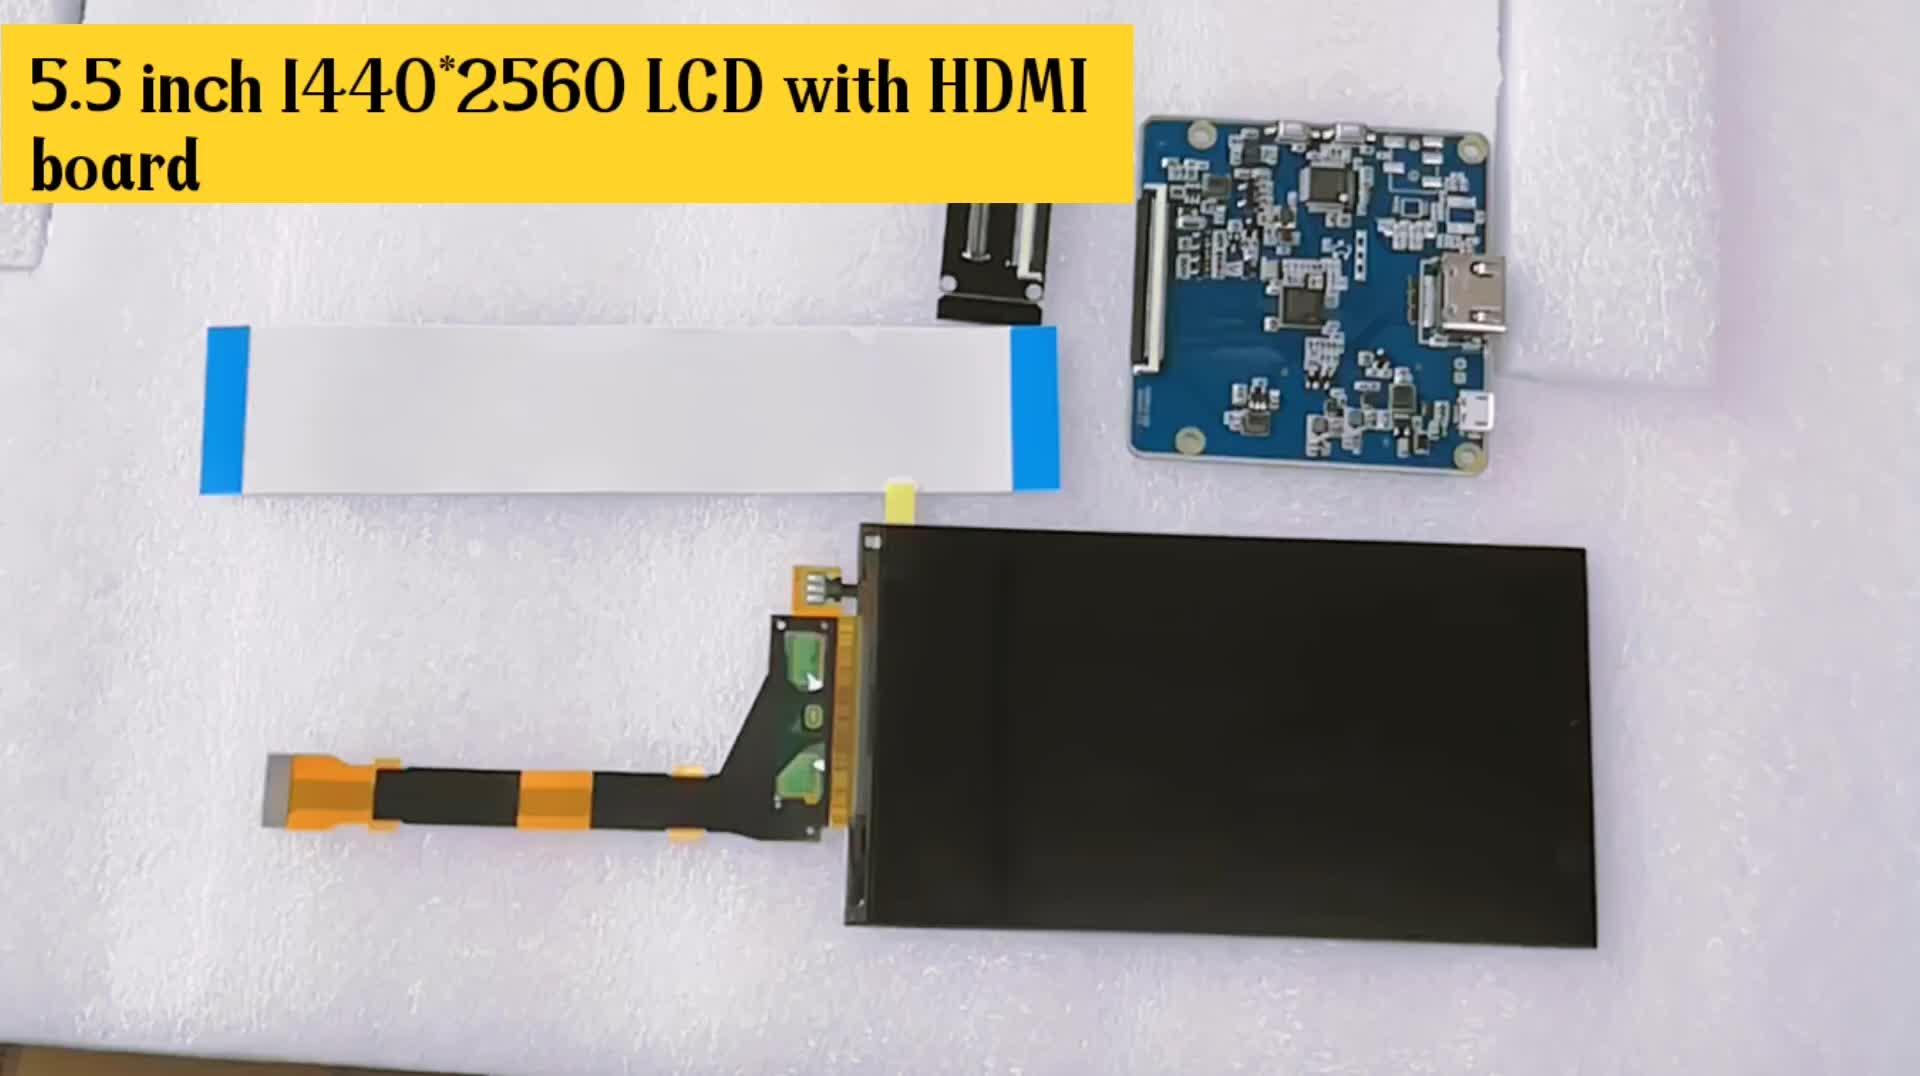 5.5 インチ 2 18k 1440 720p 1440*2560 解像度 ips LS055R1SX04 パネル mipi dsi インタフェース lcd 表示パネル hdmi に mipi ため vr 2017